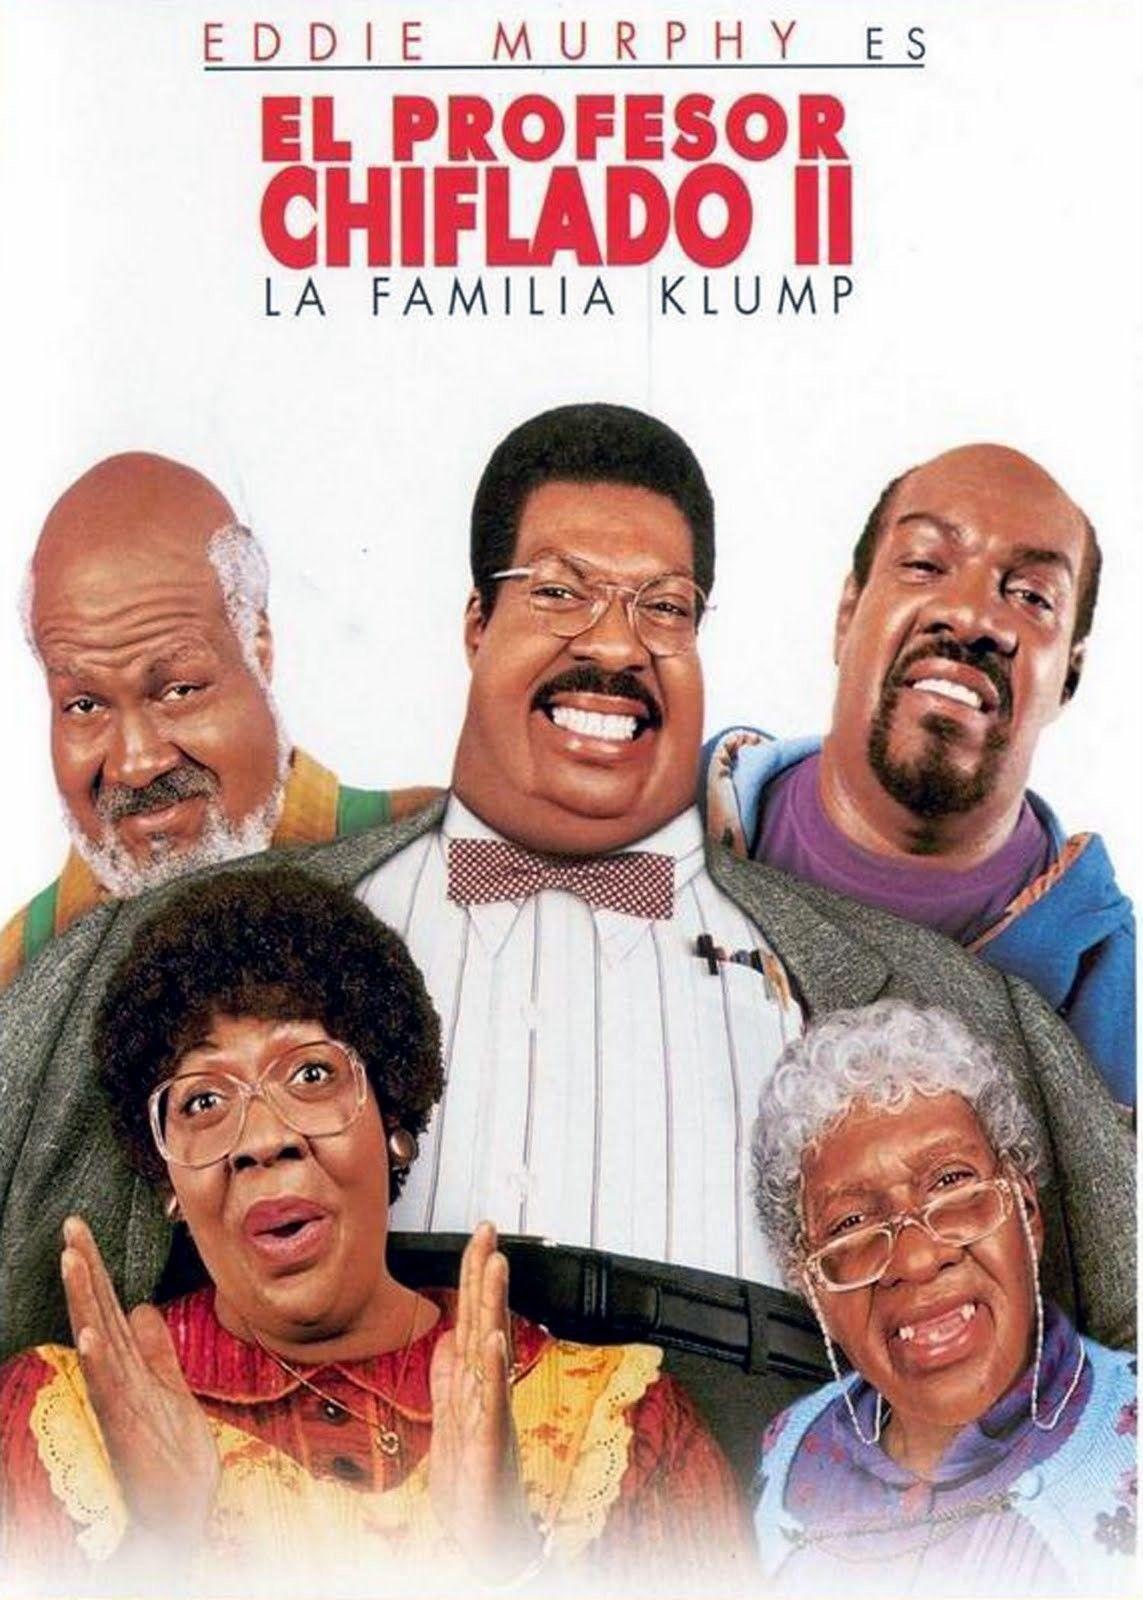 El profesor chiflado II: La familia Klump (2000) - Ver Películas ...